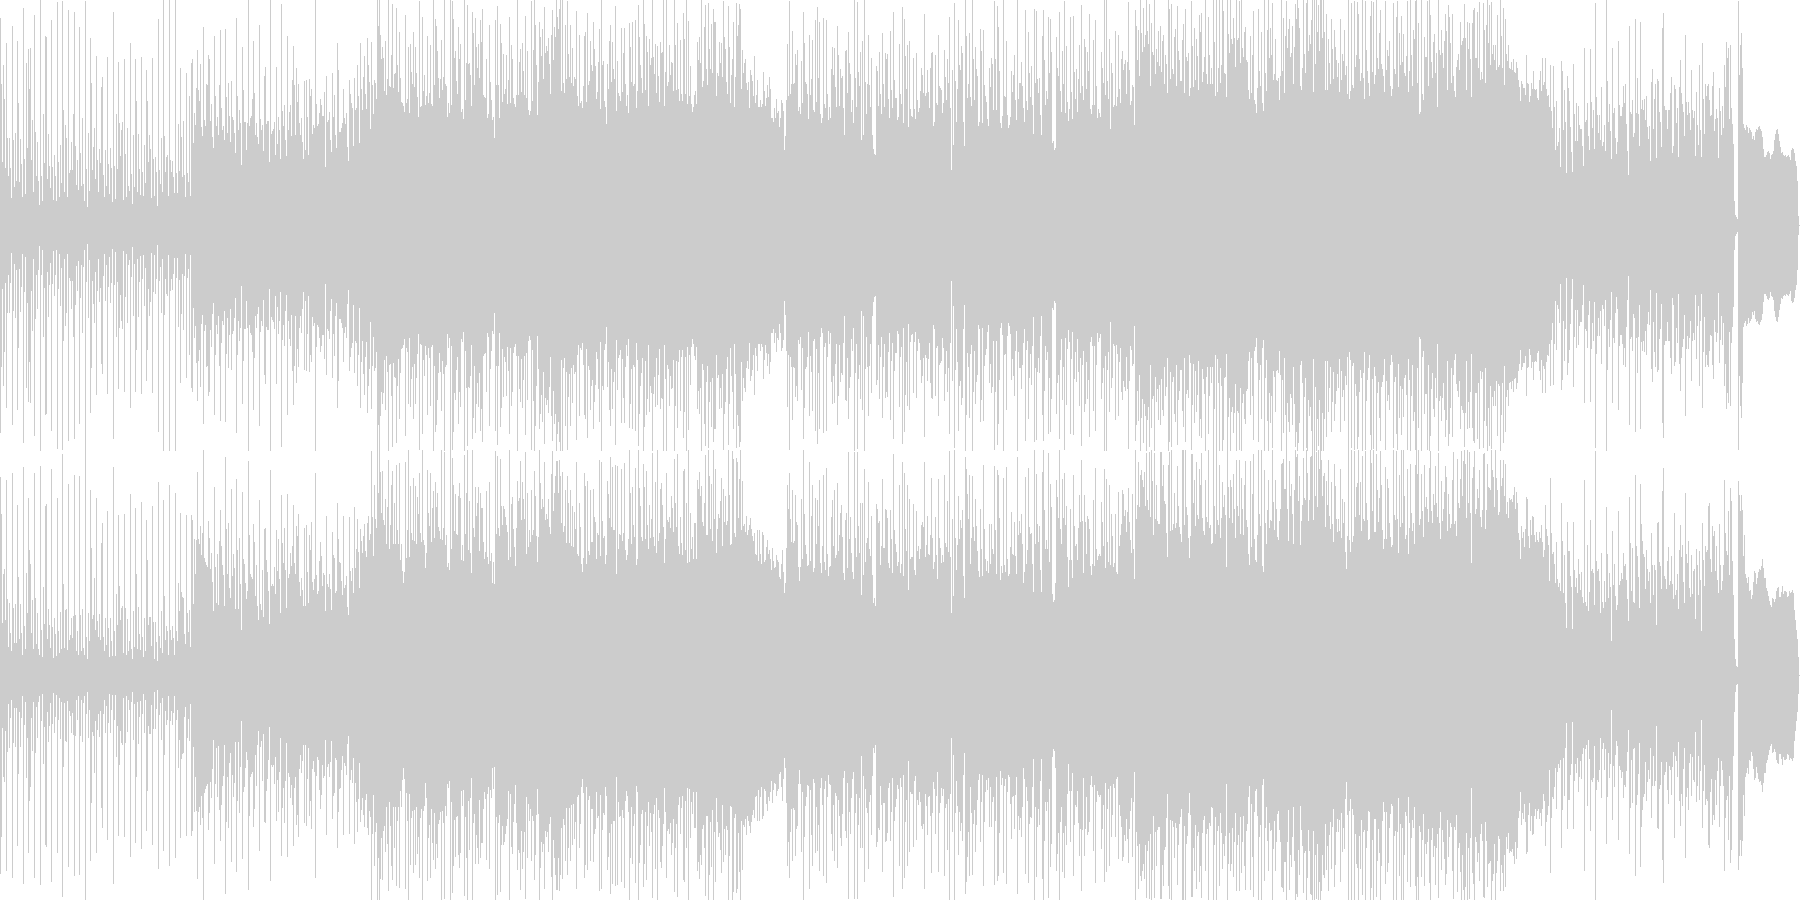 三味線とエレキギターの和風ロックな曲の未再生の波形